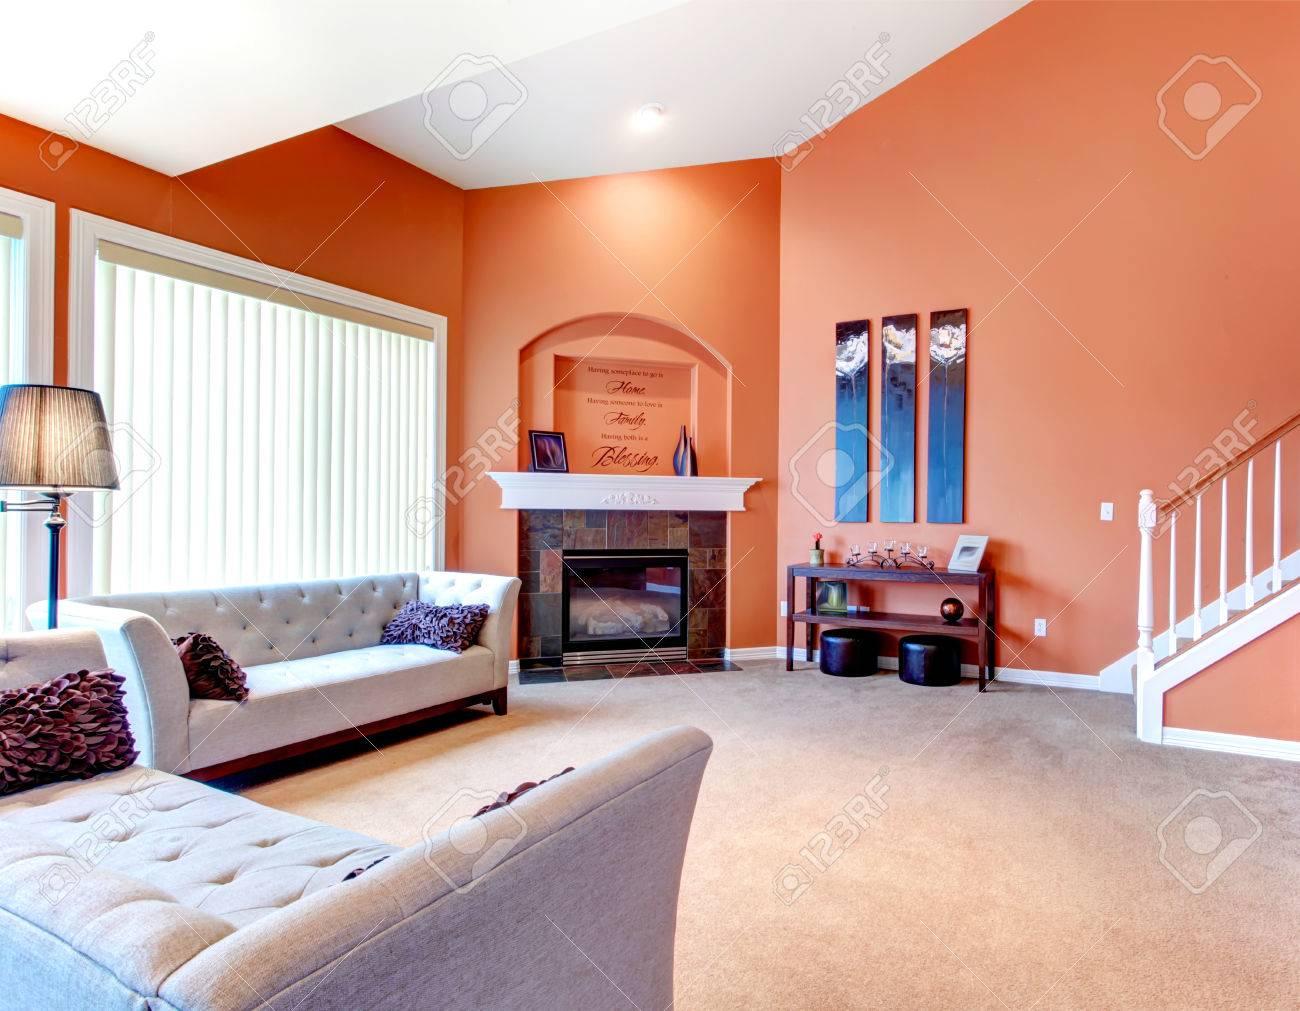 Orange Gemütliches Wohnzimmer Mit Teppichboden, Weißen Holztreppe ...